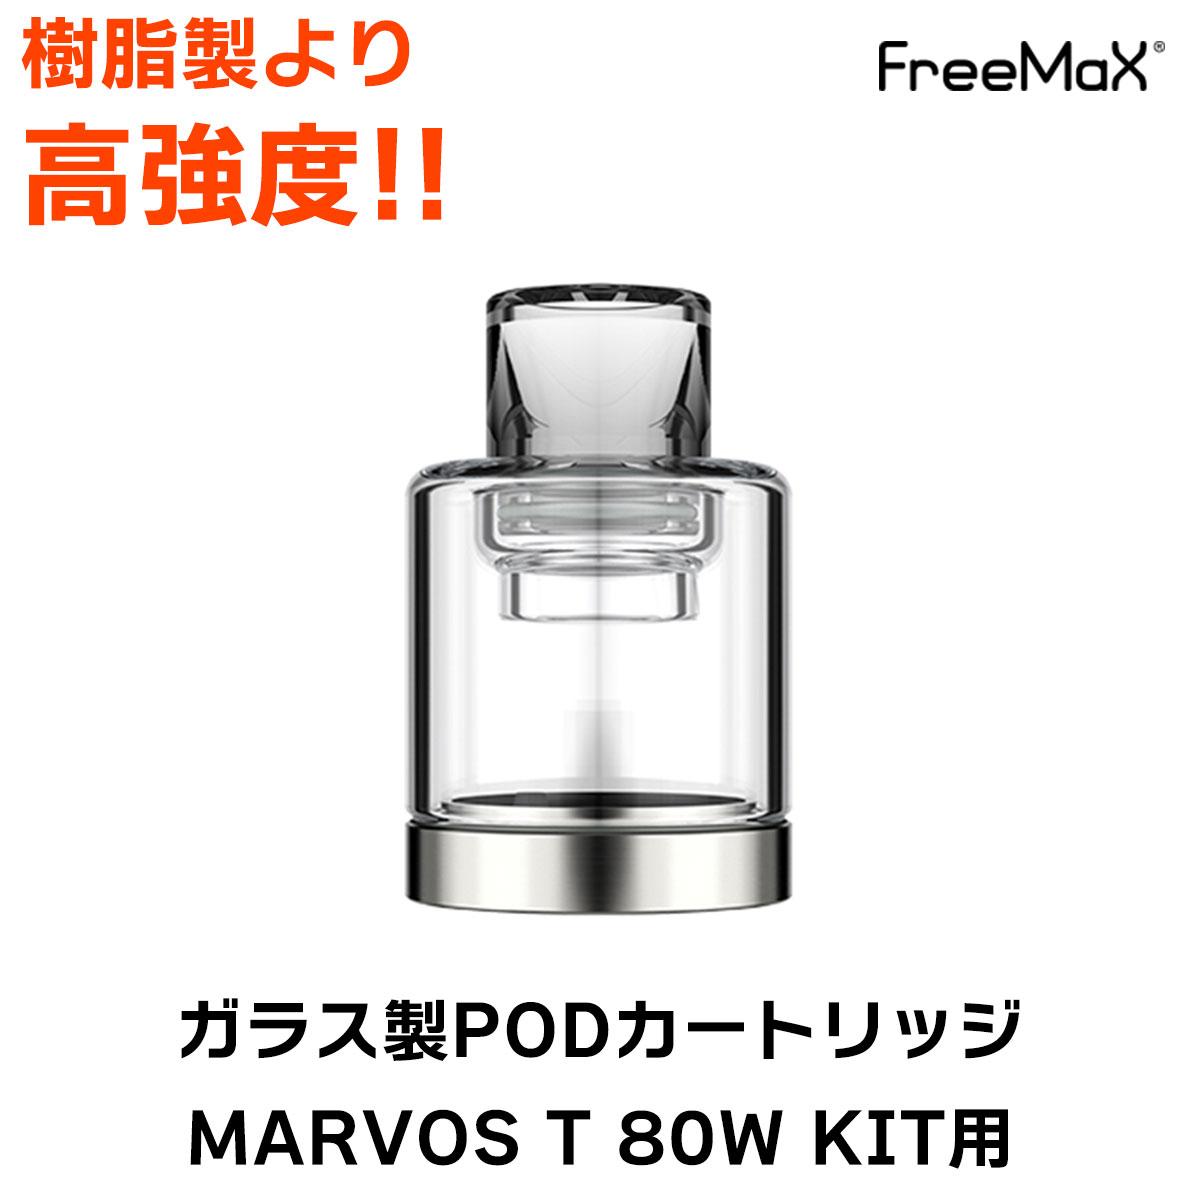 POD Freemax marvos t 80W マーボスT ガラス vape pod Marvos T カートリッジ KIT 5☆好評 マーボス フリーマックス 送料無料 激安 お買い得 キ゛フト PODカートリッジ キット ガラス製POD 交換用 電子タバコ ポッド型